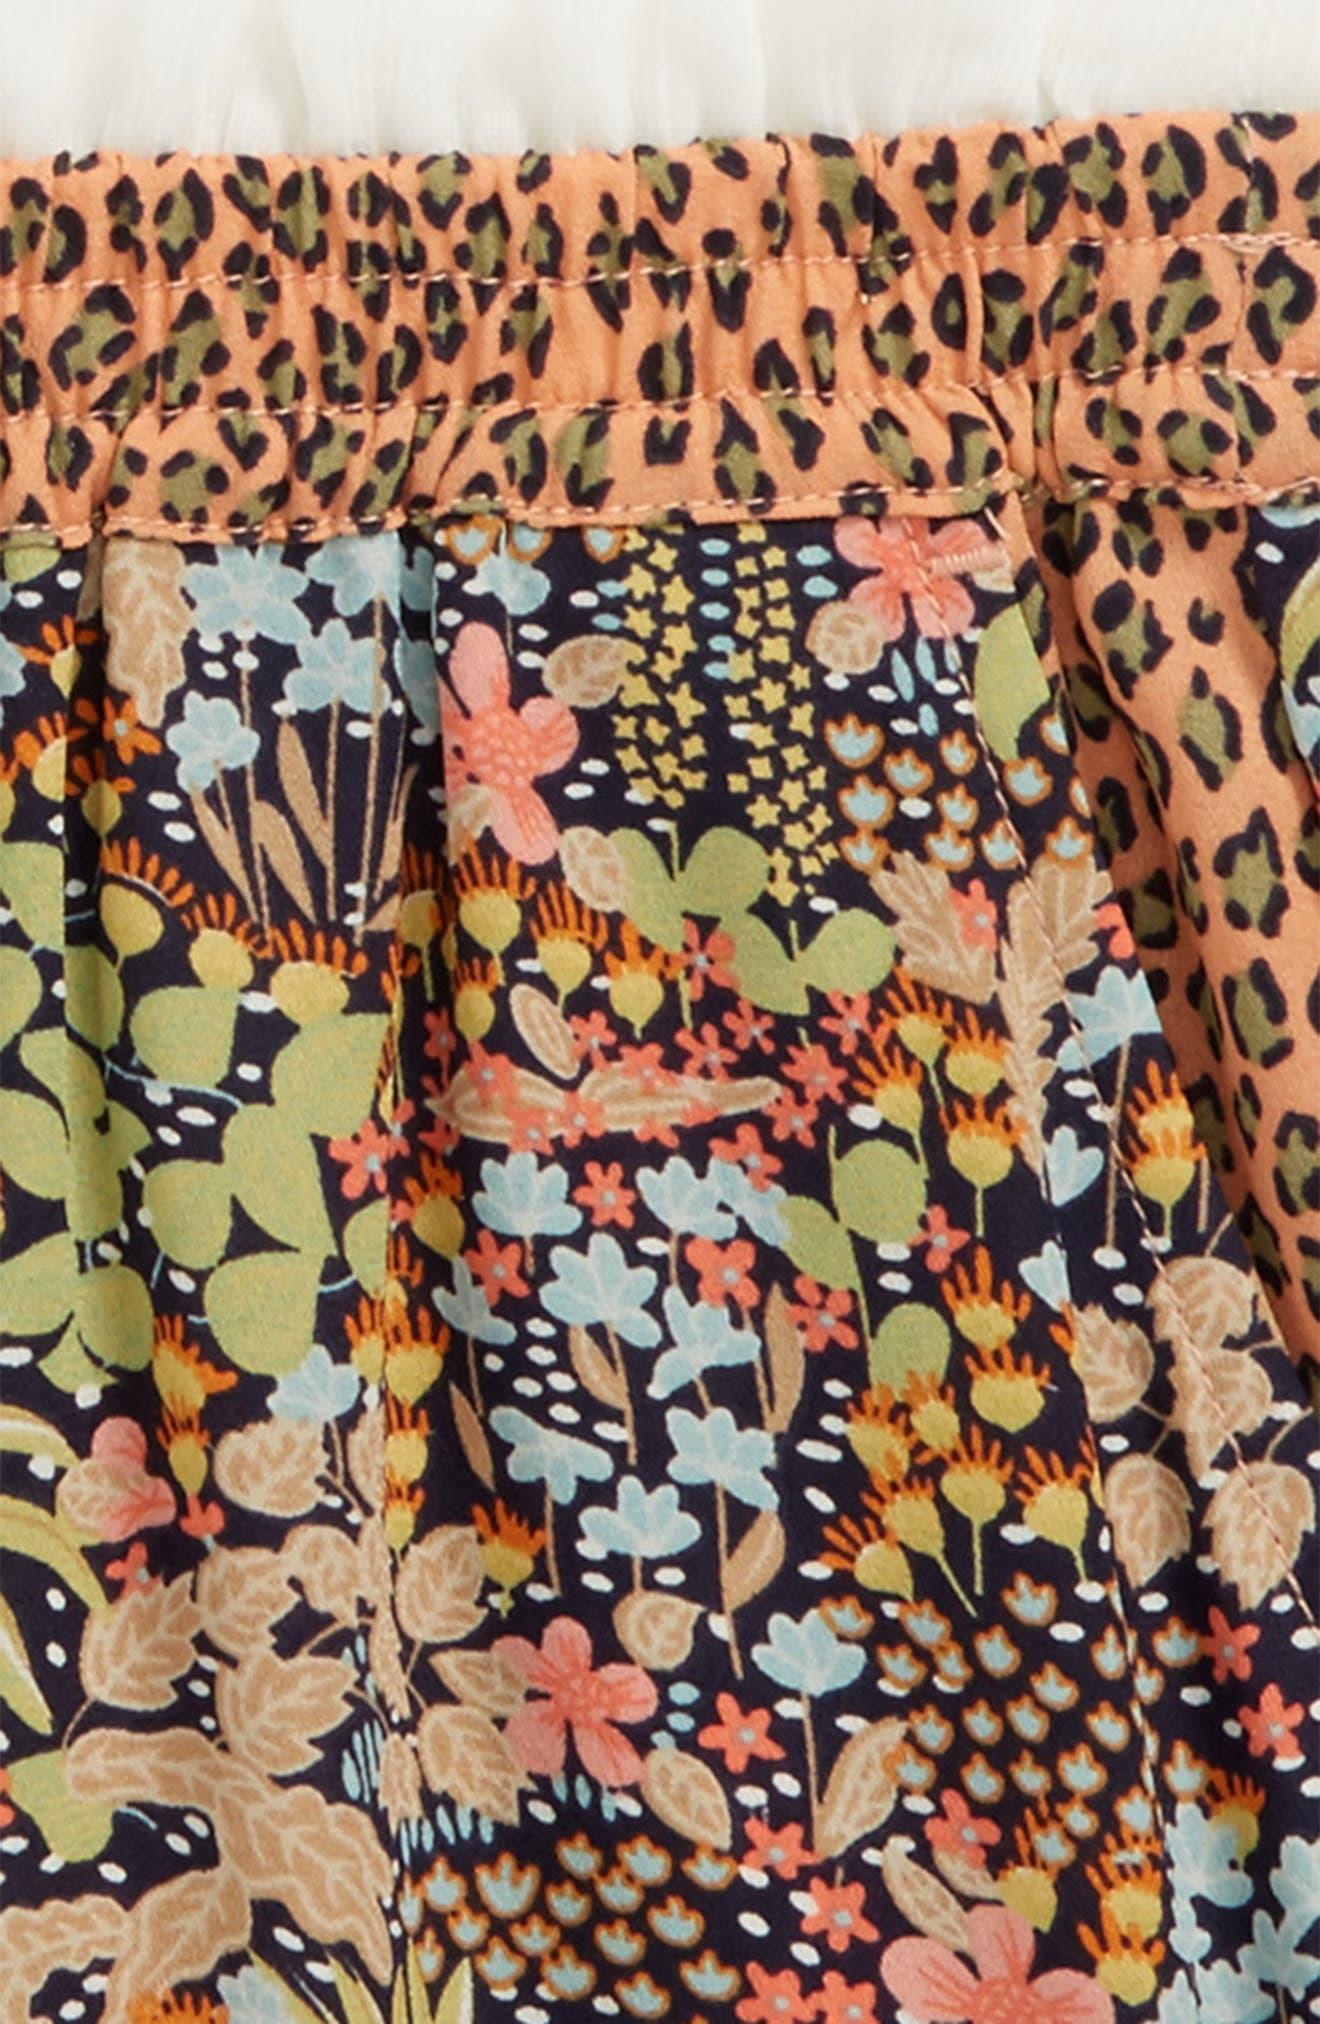 Jungle Print Shorts,                             Alternate thumbnail 2, color,                             950